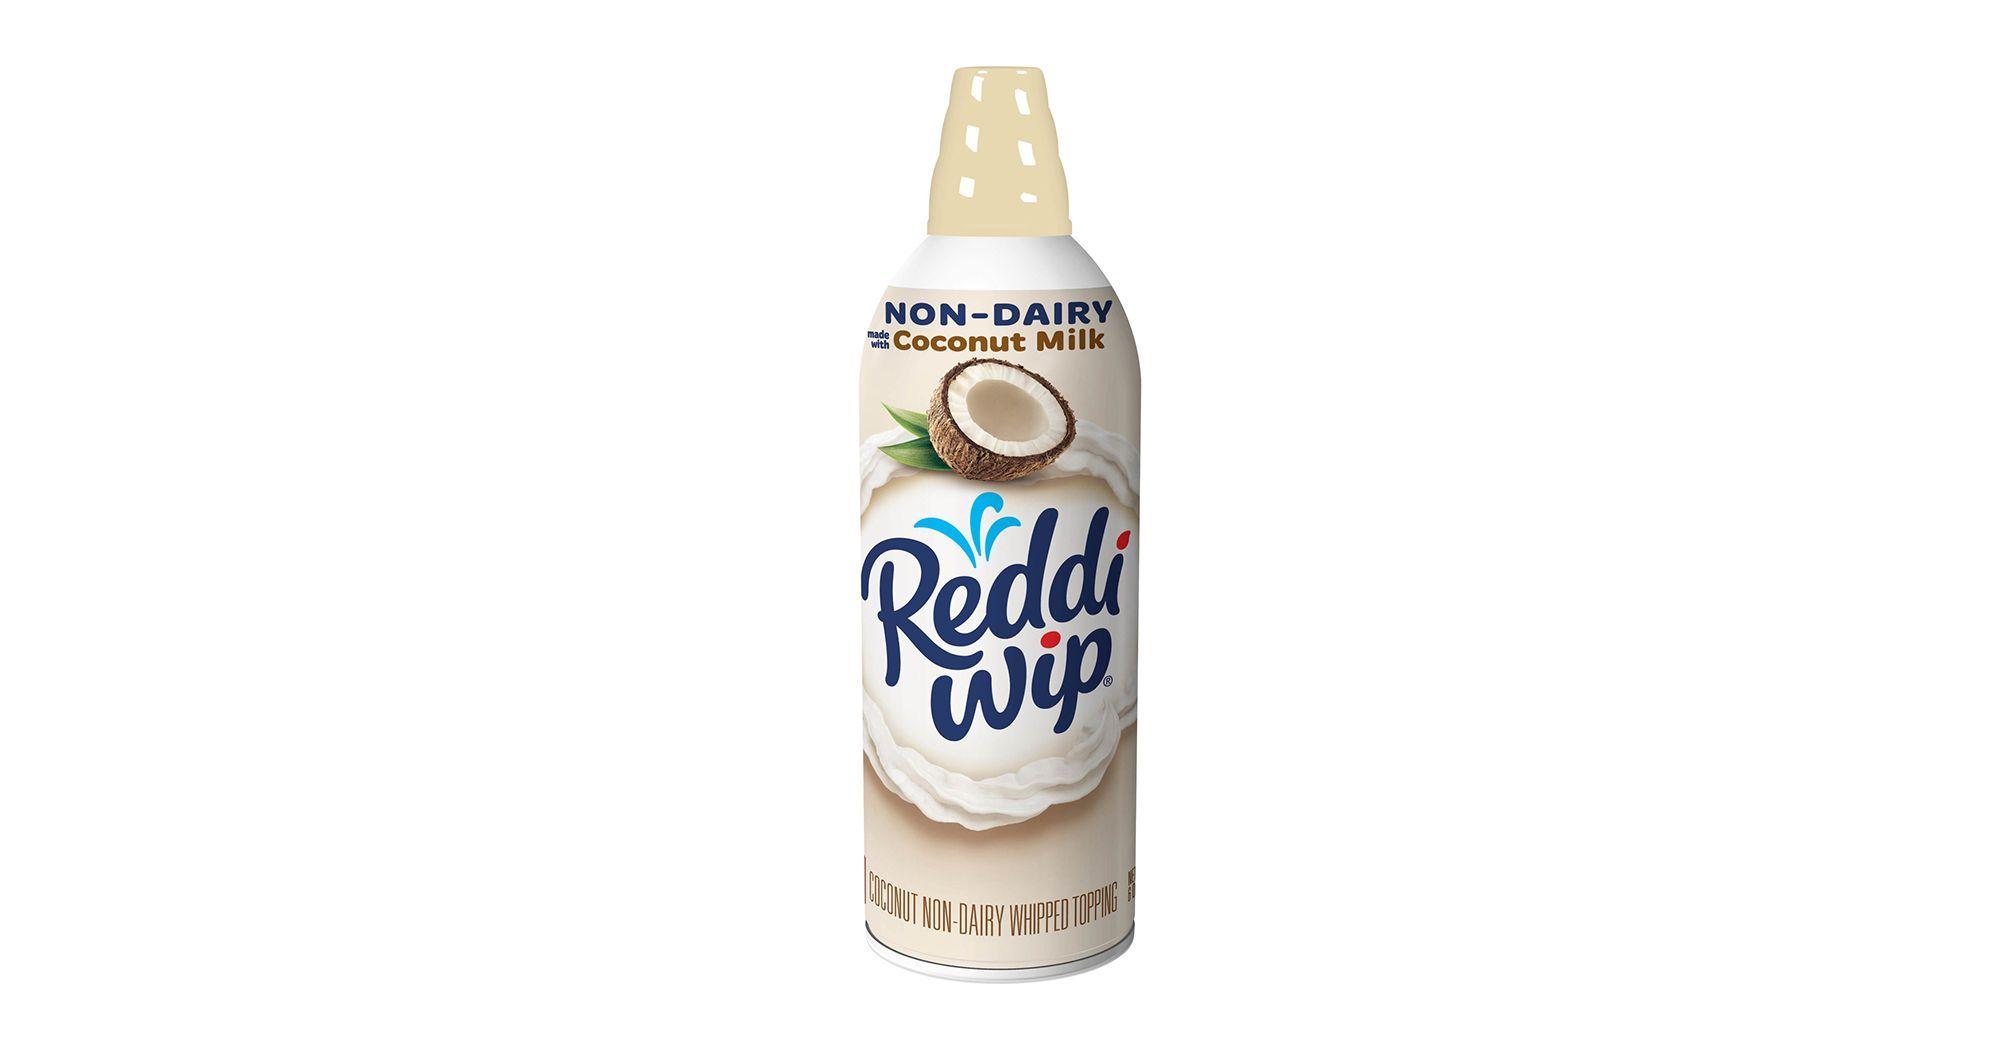 Reddi Wip Launched Non Dairy Almond Milk Whipped Cream We Tried It Almond Milk Whipped Cream Coconut Whipped Cream Almond Milk